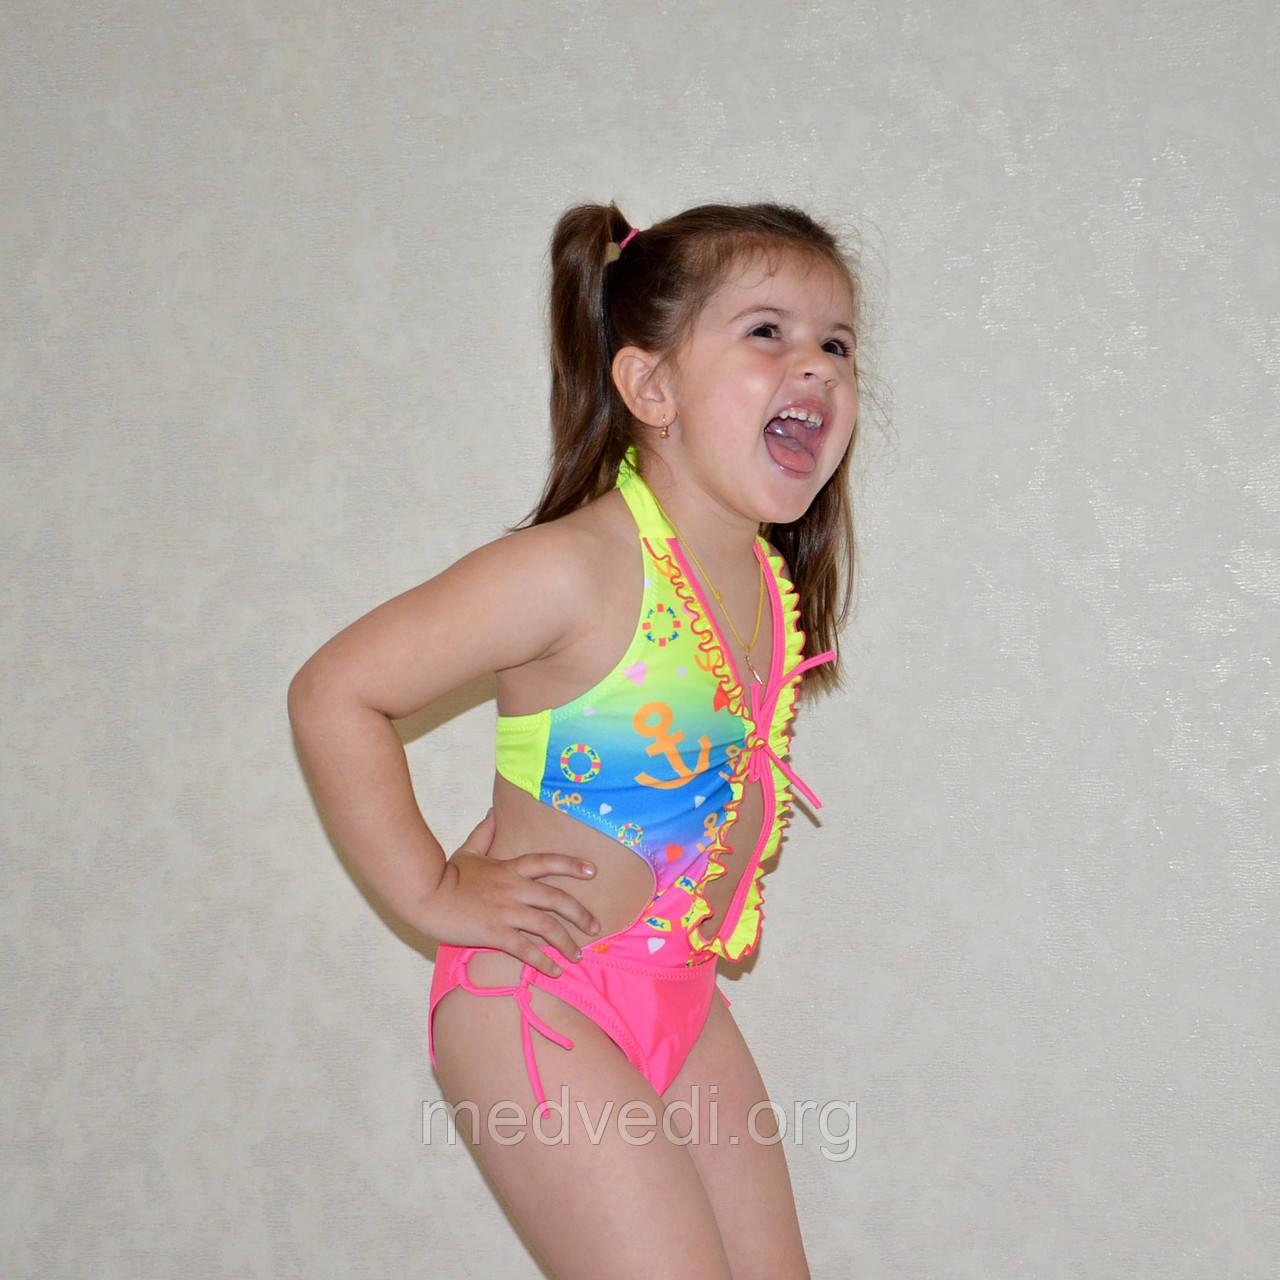 Яркий сдельный детский купальник, для девочек возрастом 5-6 лет